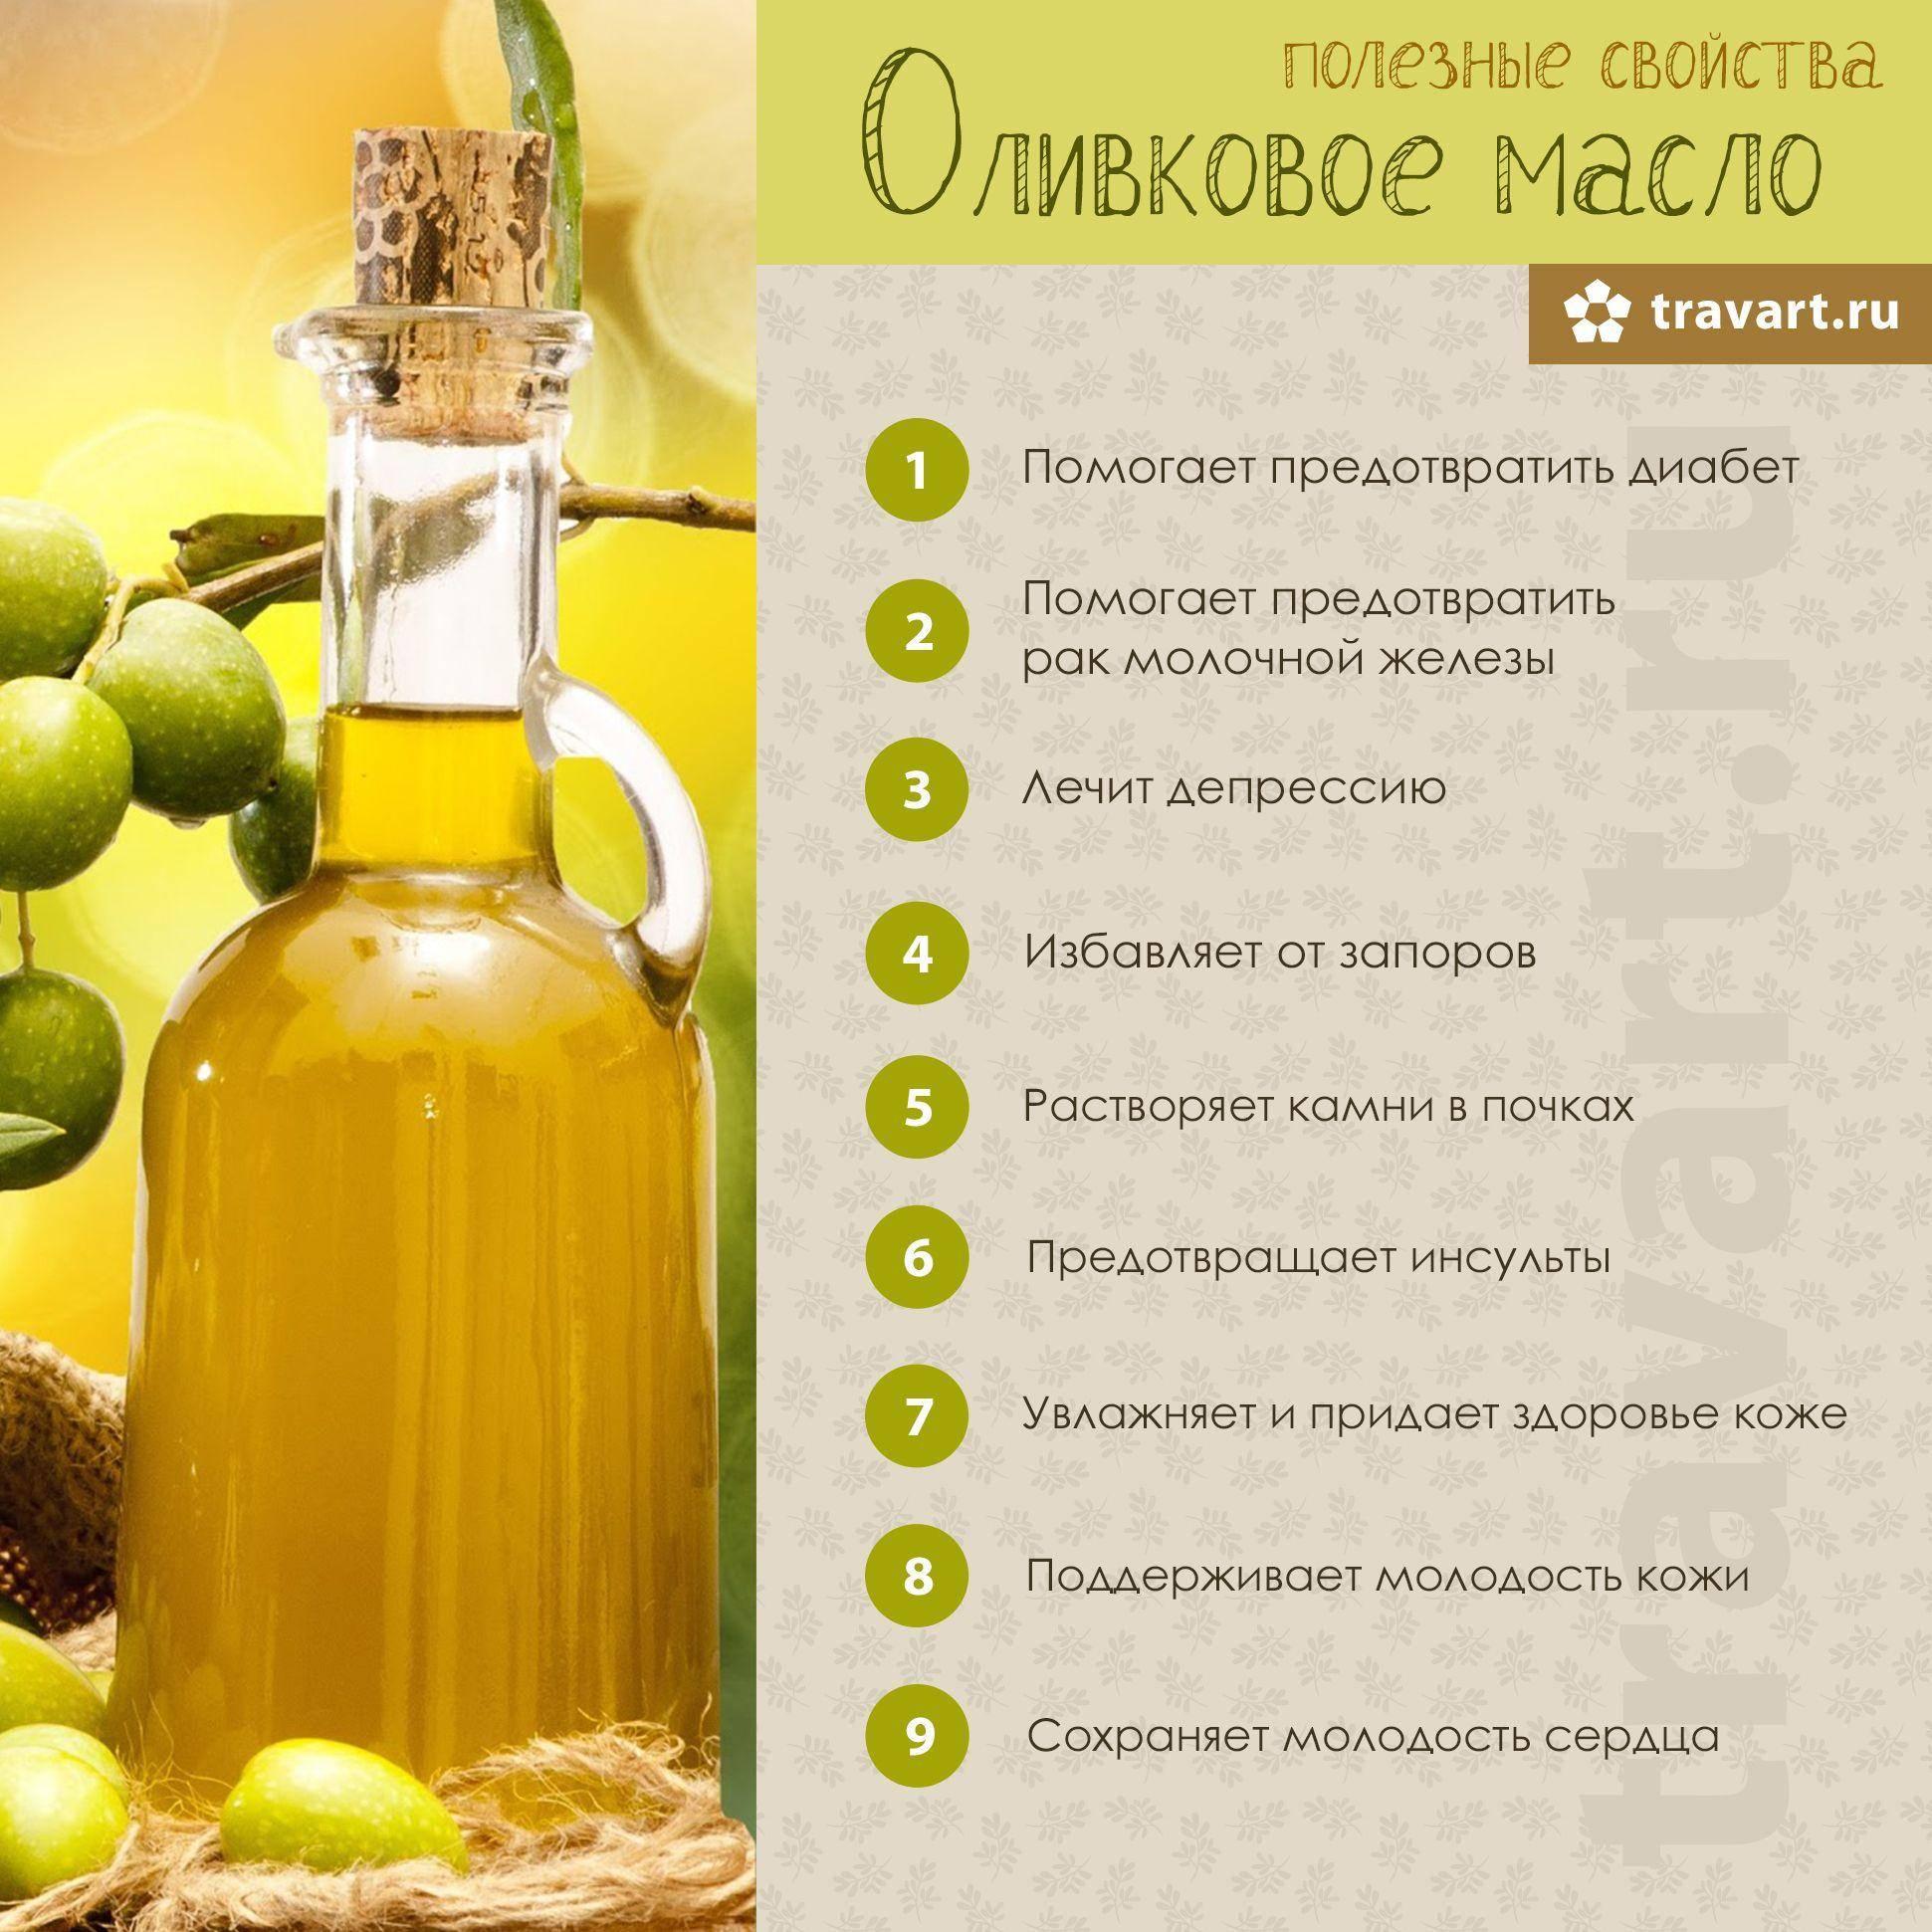 Какое масло полезнее: подсолнечное или оливковое